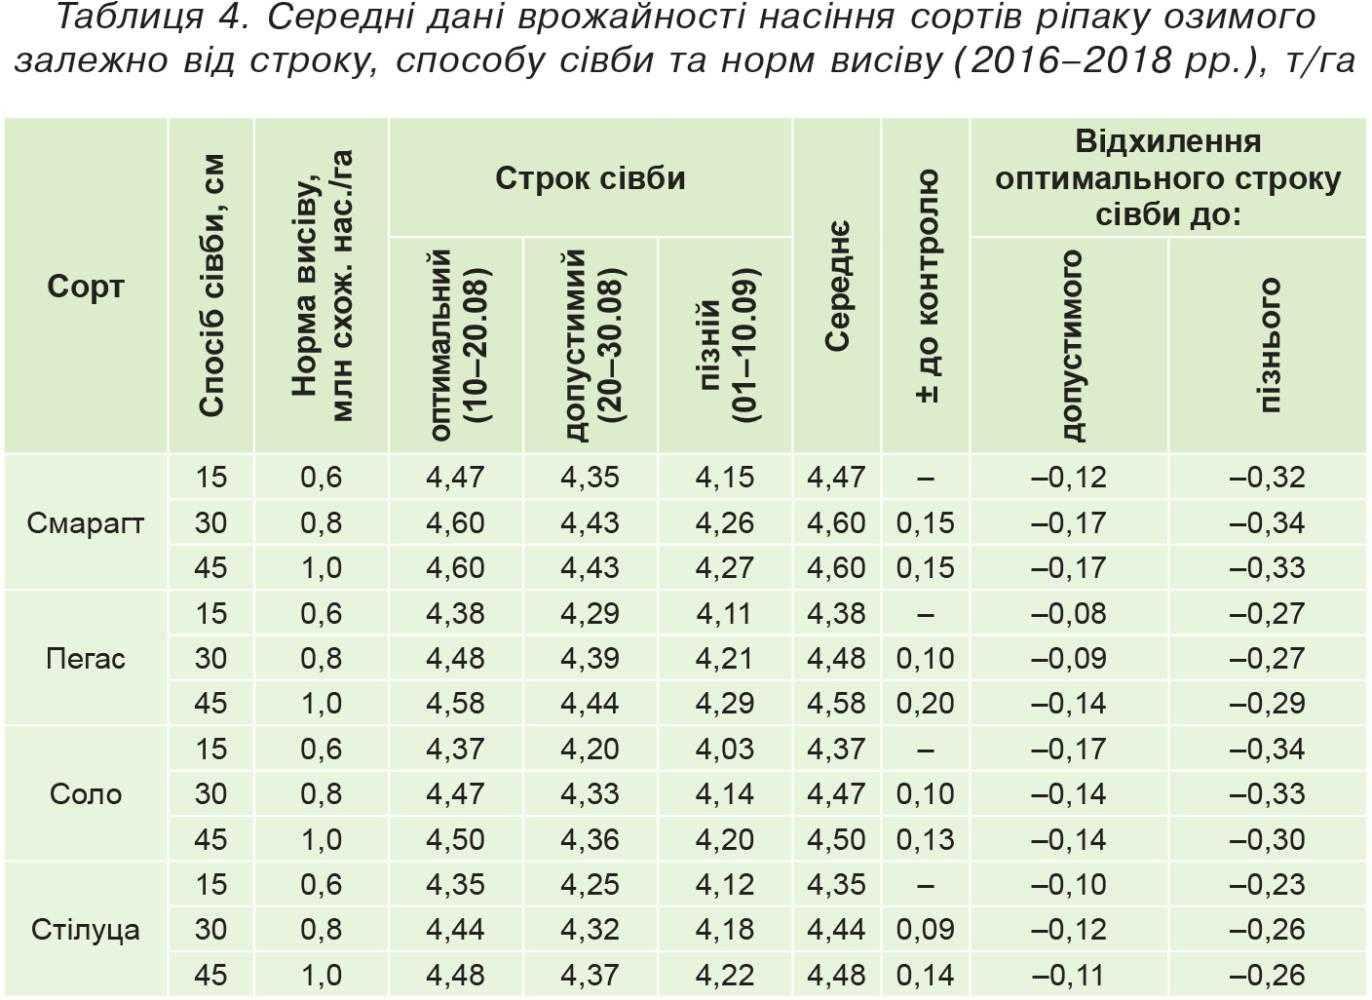 Таблиця 4. Середні дані врожайності насіння сортів ріпаку озимого залежно від строку, способу сівби та норм висіву (2016–2018 рр.), т/га